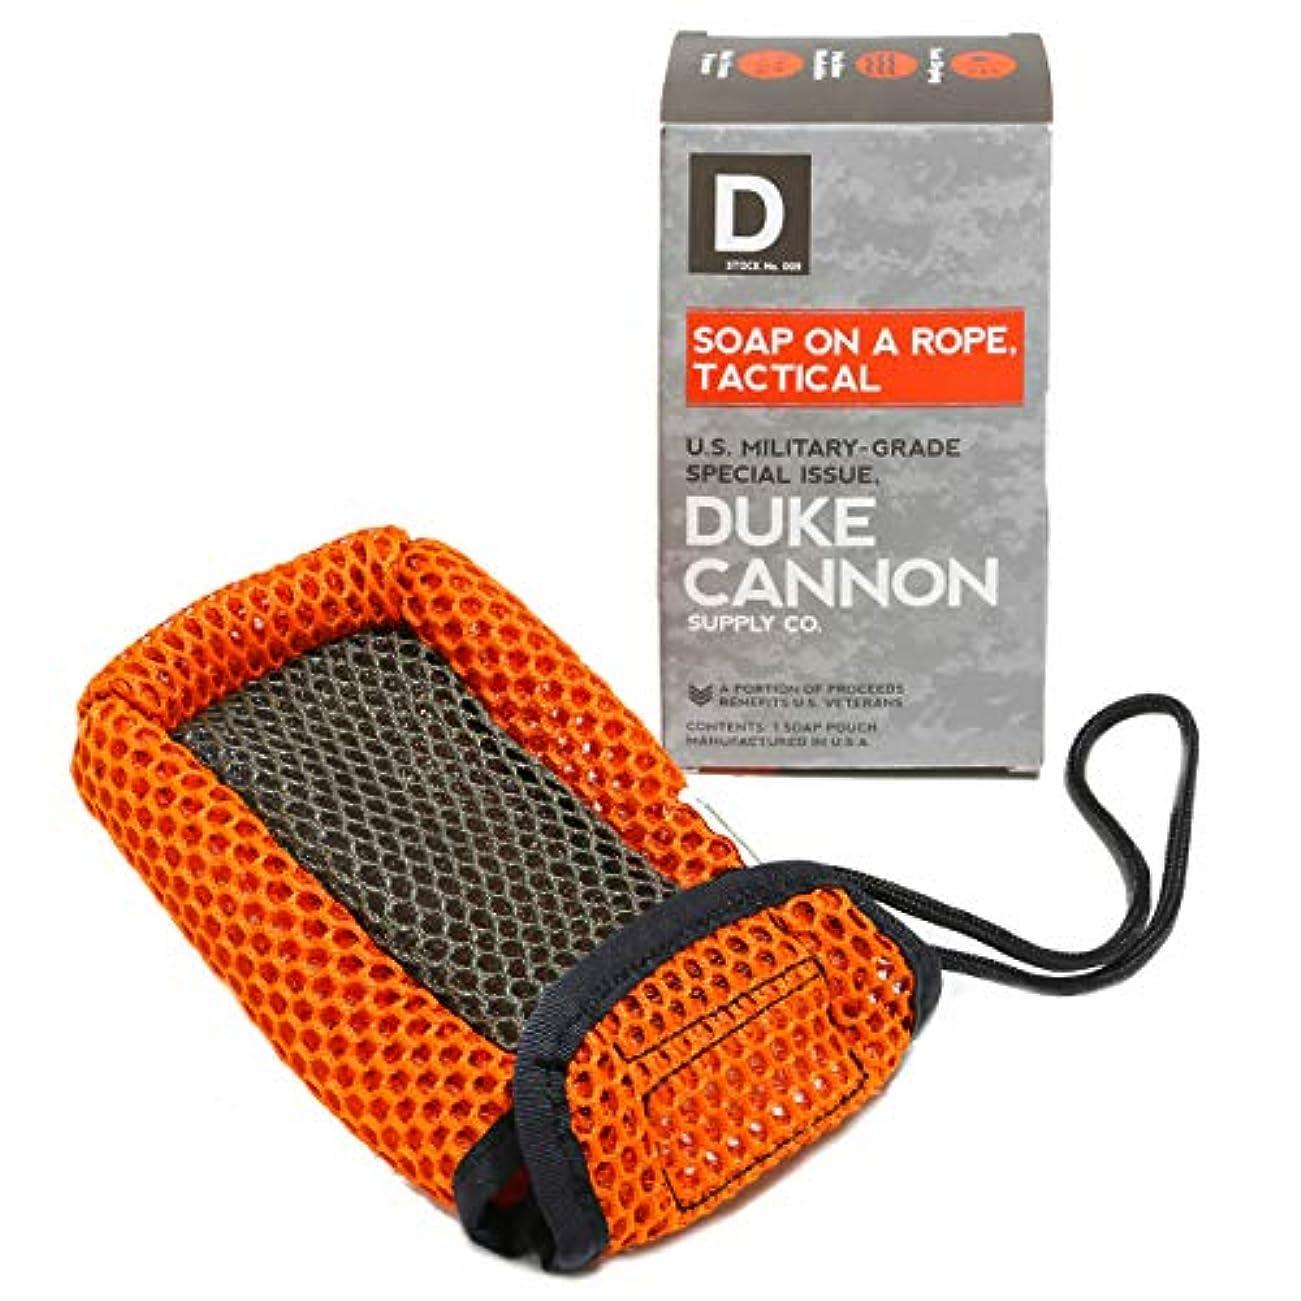 誘惑する石油君主Duke Cannon ロープのポーチには戦術的なソープ